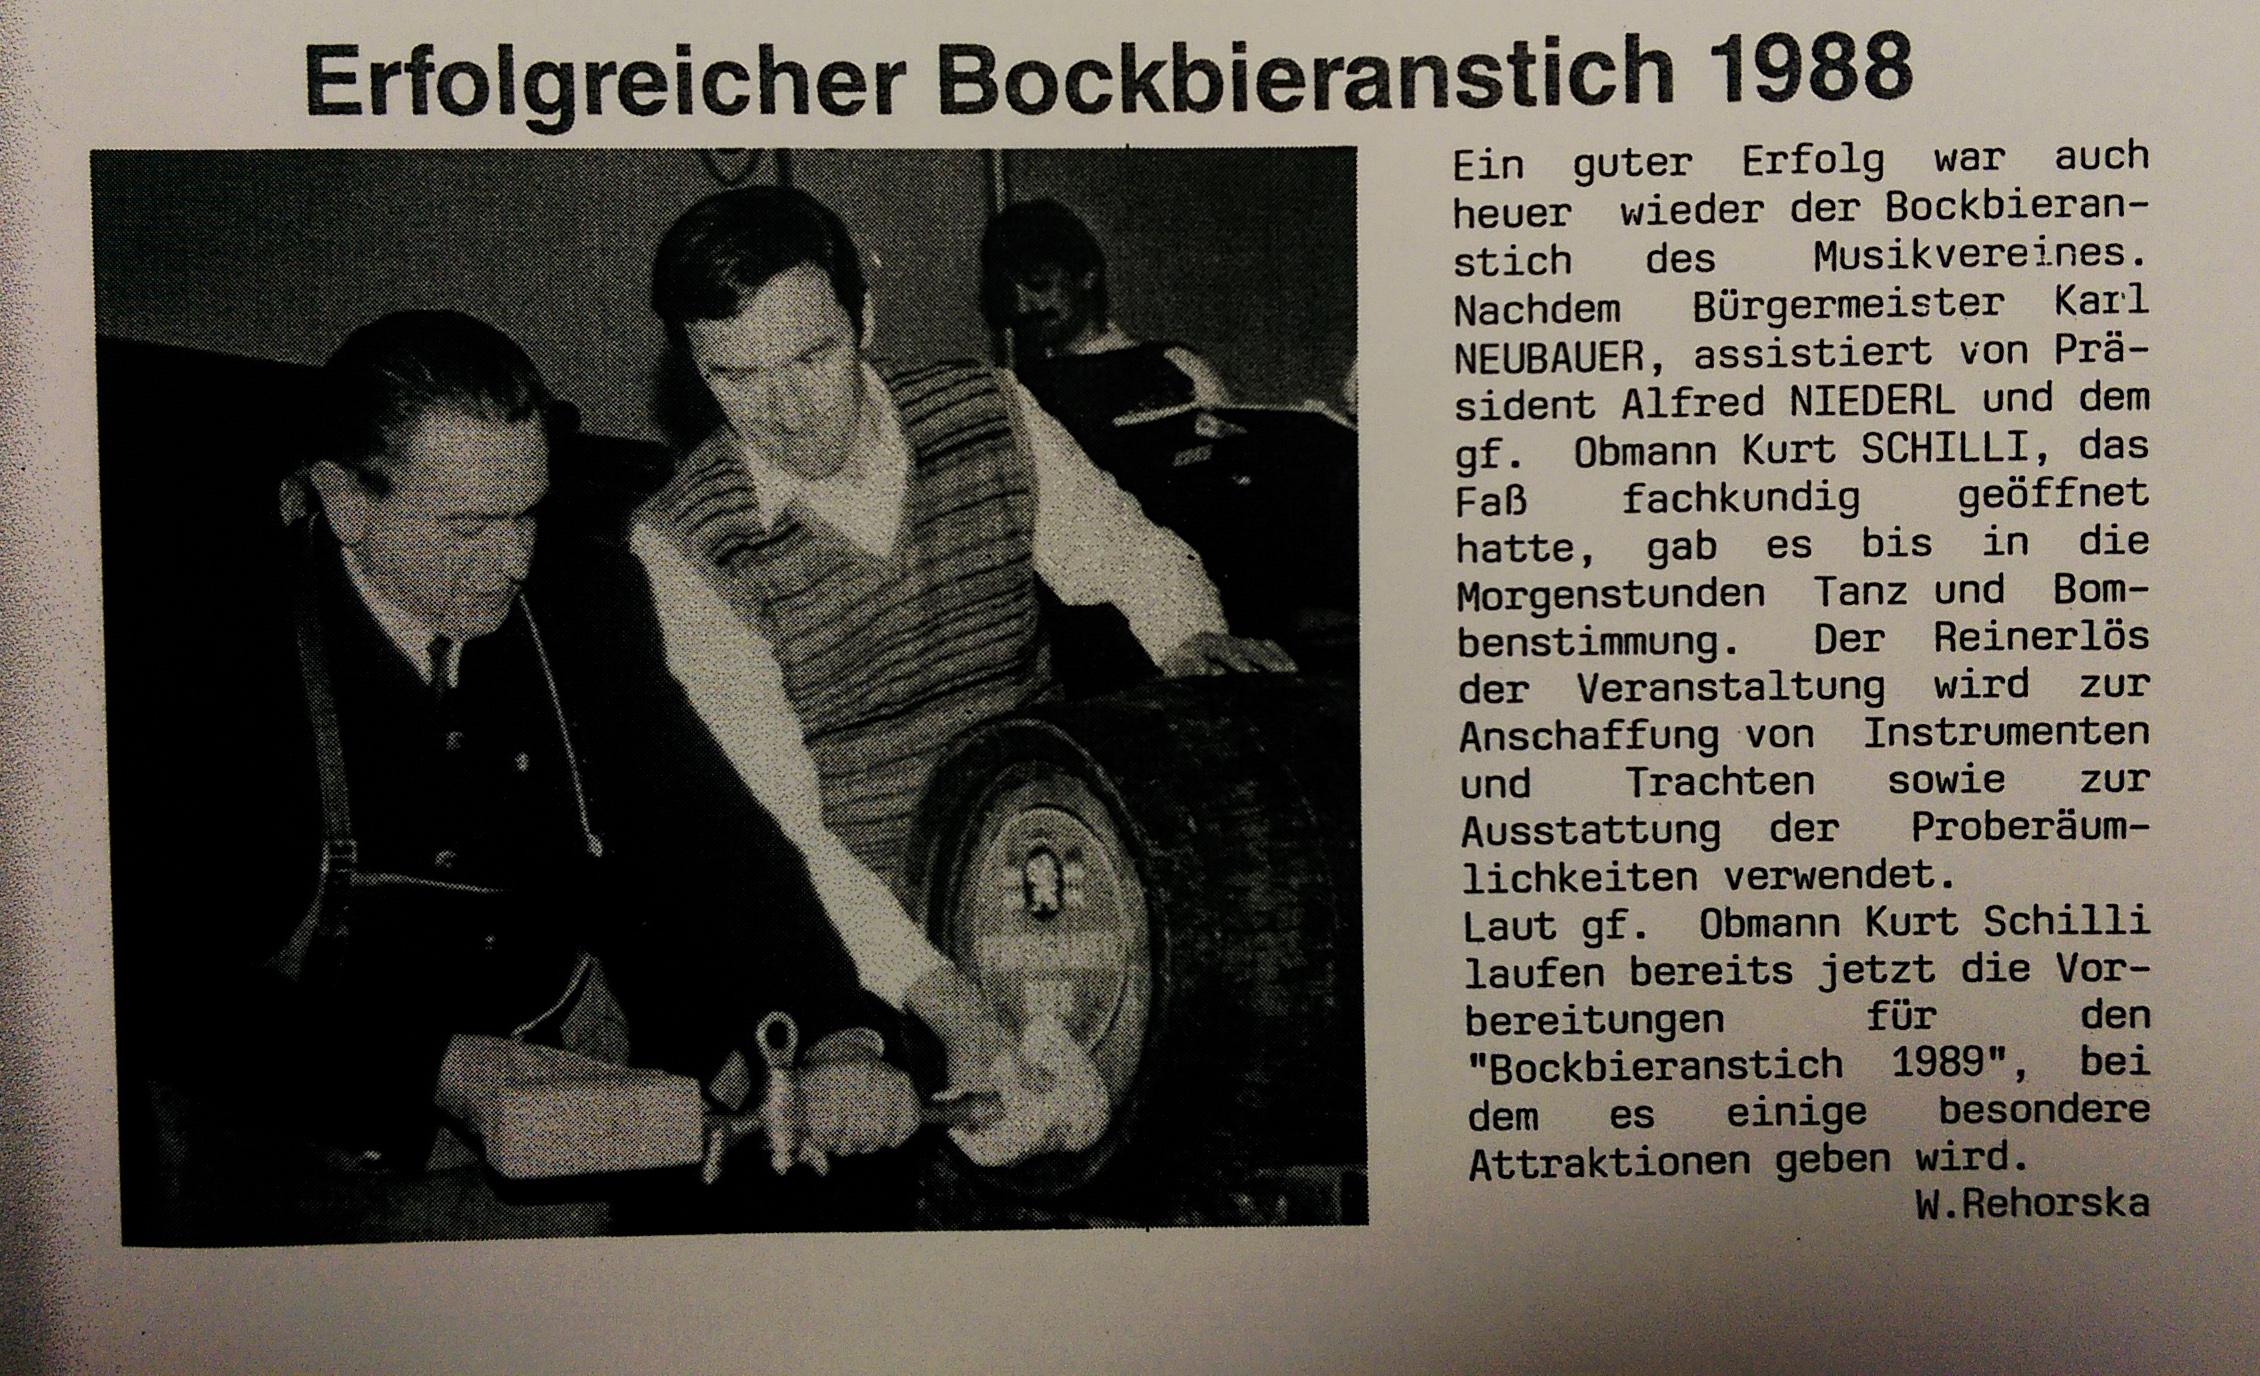 1988 Murecker Kontakte Bockbieranstich